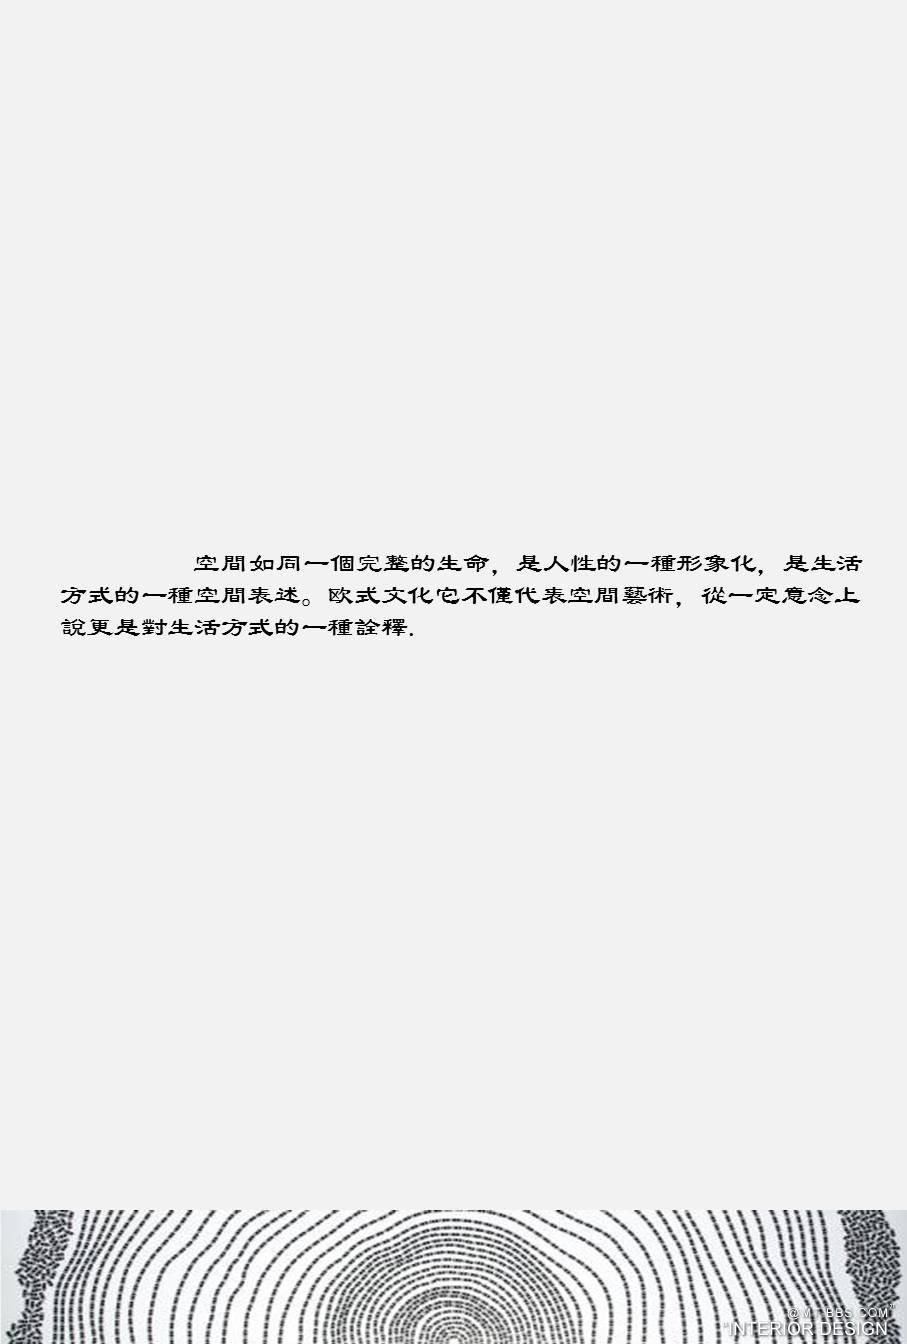 寻软装、陈设艺术品合作,兼职亦可~合作共赢_幻灯片2.JPG